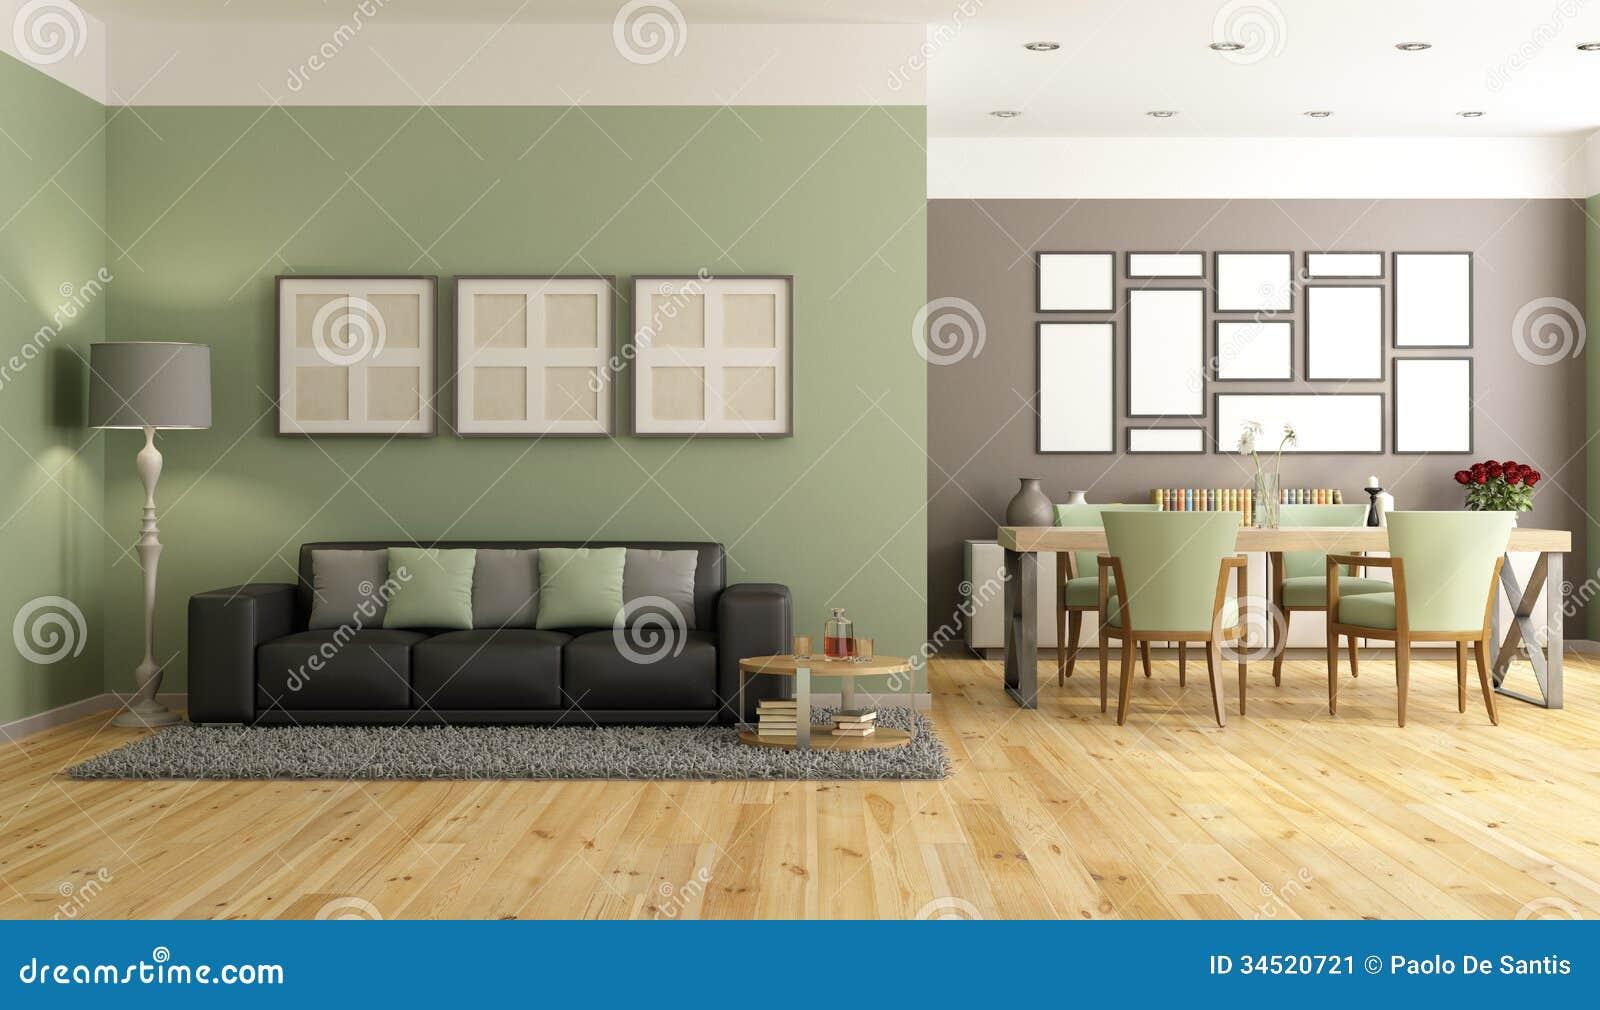 Salotto moderno verde e marrone immagine stock immagine - Tavolo salone moderno ...